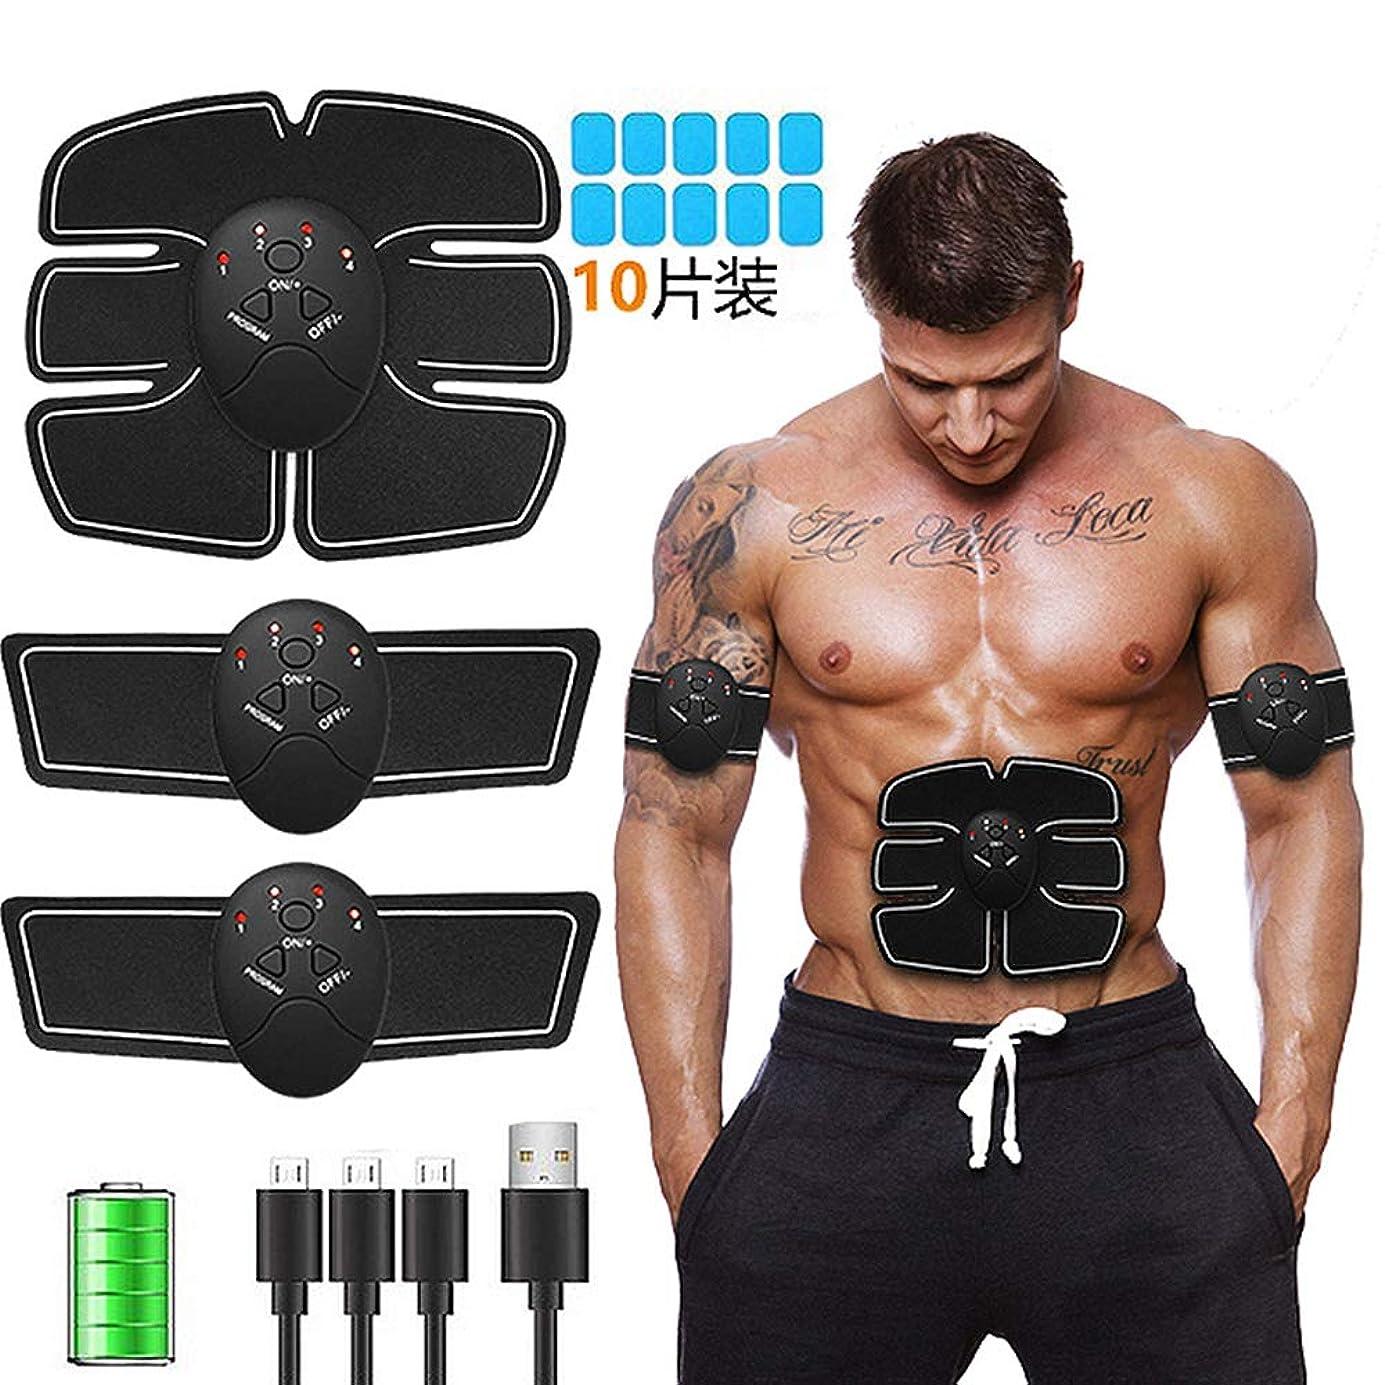 追加するクスクス怠惰スマート腹部トレーナーusb電気ワイヤレスems筋肉刺激脂肪燃焼腰減量保つフィットネス機器フルボディマッサージユニセックス